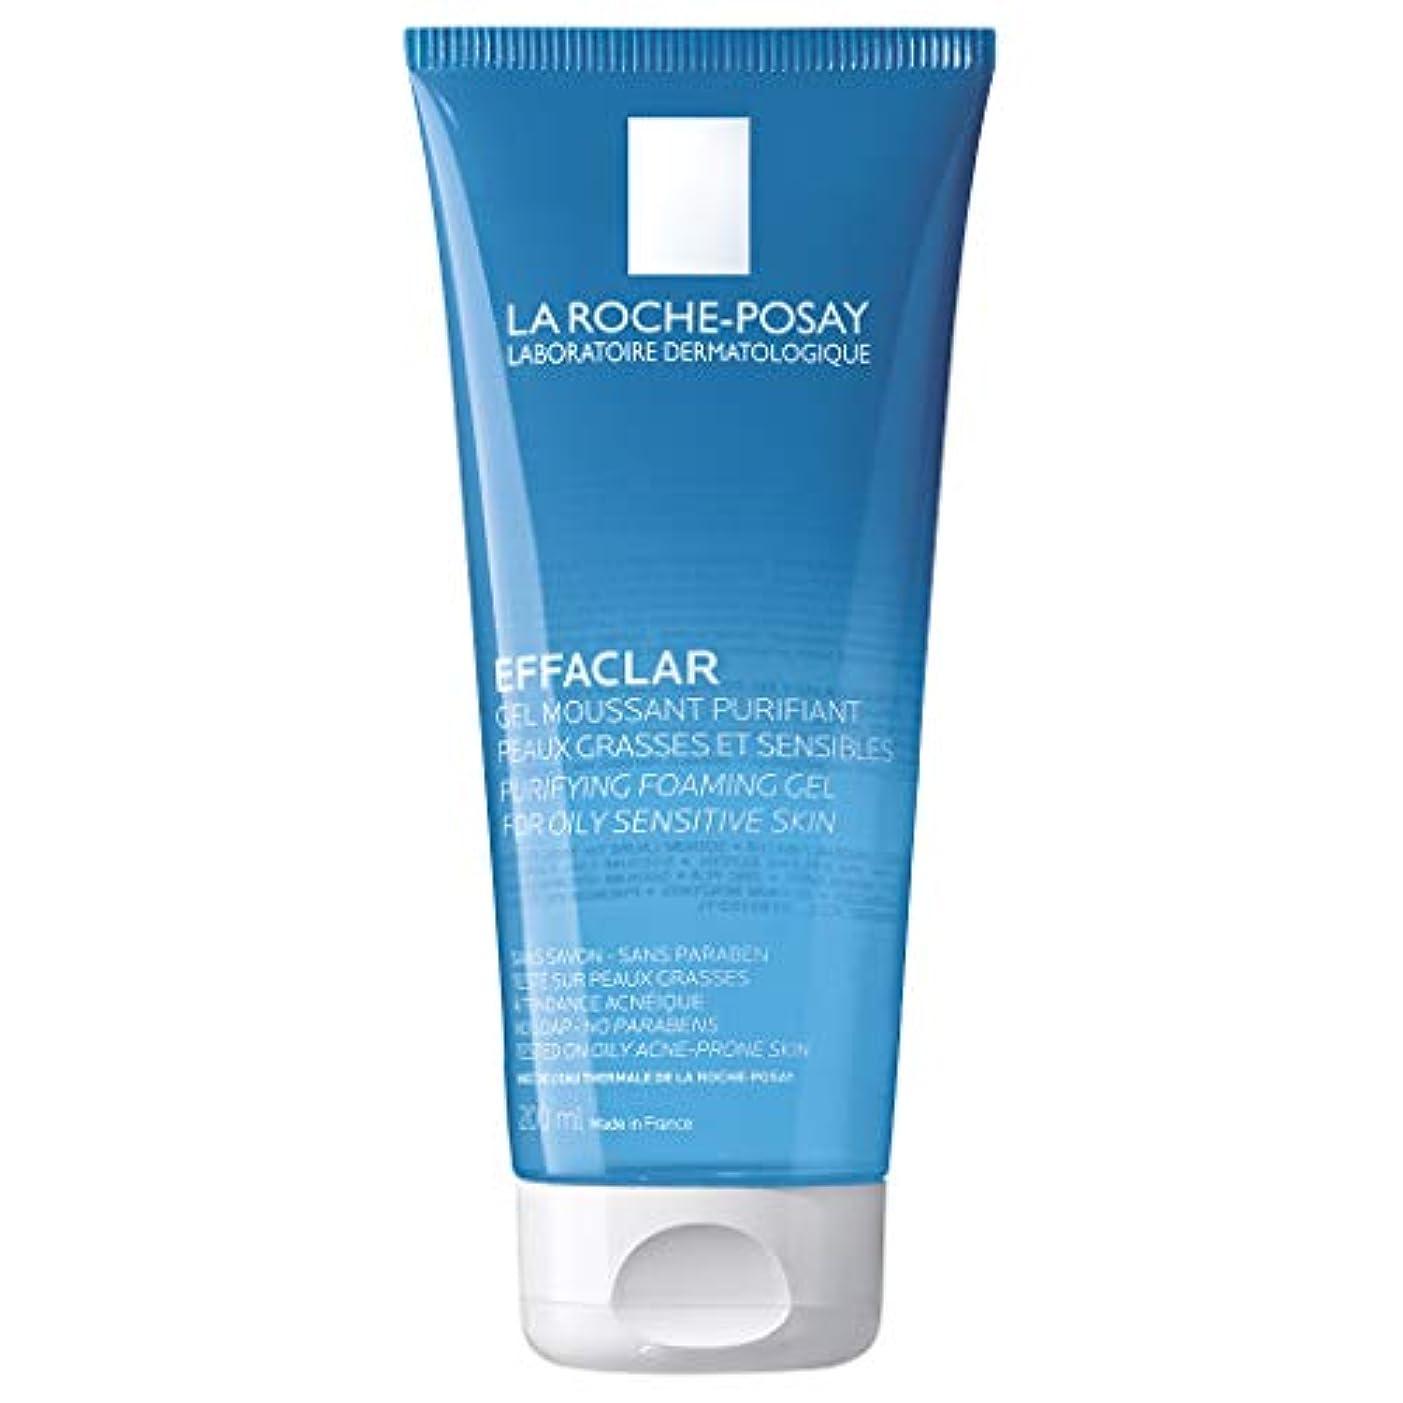 根拠経度コンパイル[ラロシュ布製] エファクラ 脂性肌のためのピュリファイングフォーミングジェルクレンザー 200ml / La Roche-Posay Effaclar Purifying Foaming Gel Cleanser for...